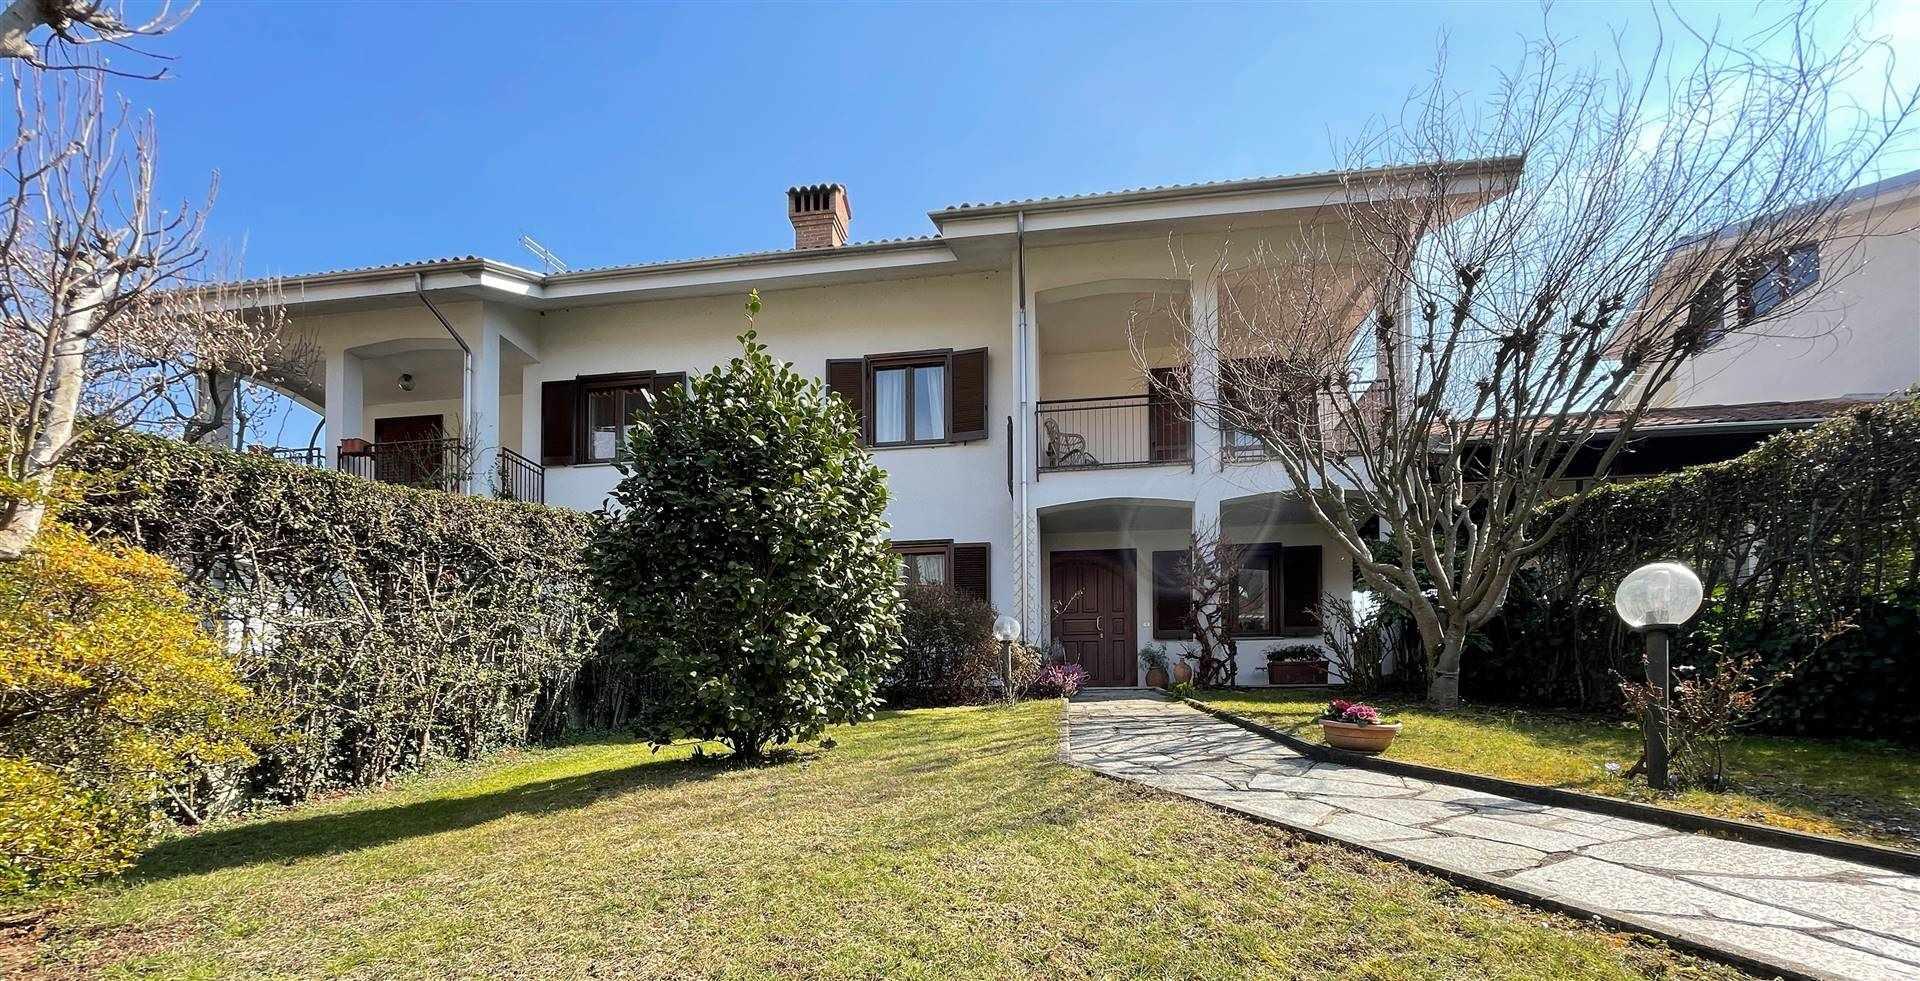 Villa a Schiera in vendita a Colleretto Giacosa, 6 locali, prezzo € 210.000 | PortaleAgenzieImmobiliari.it